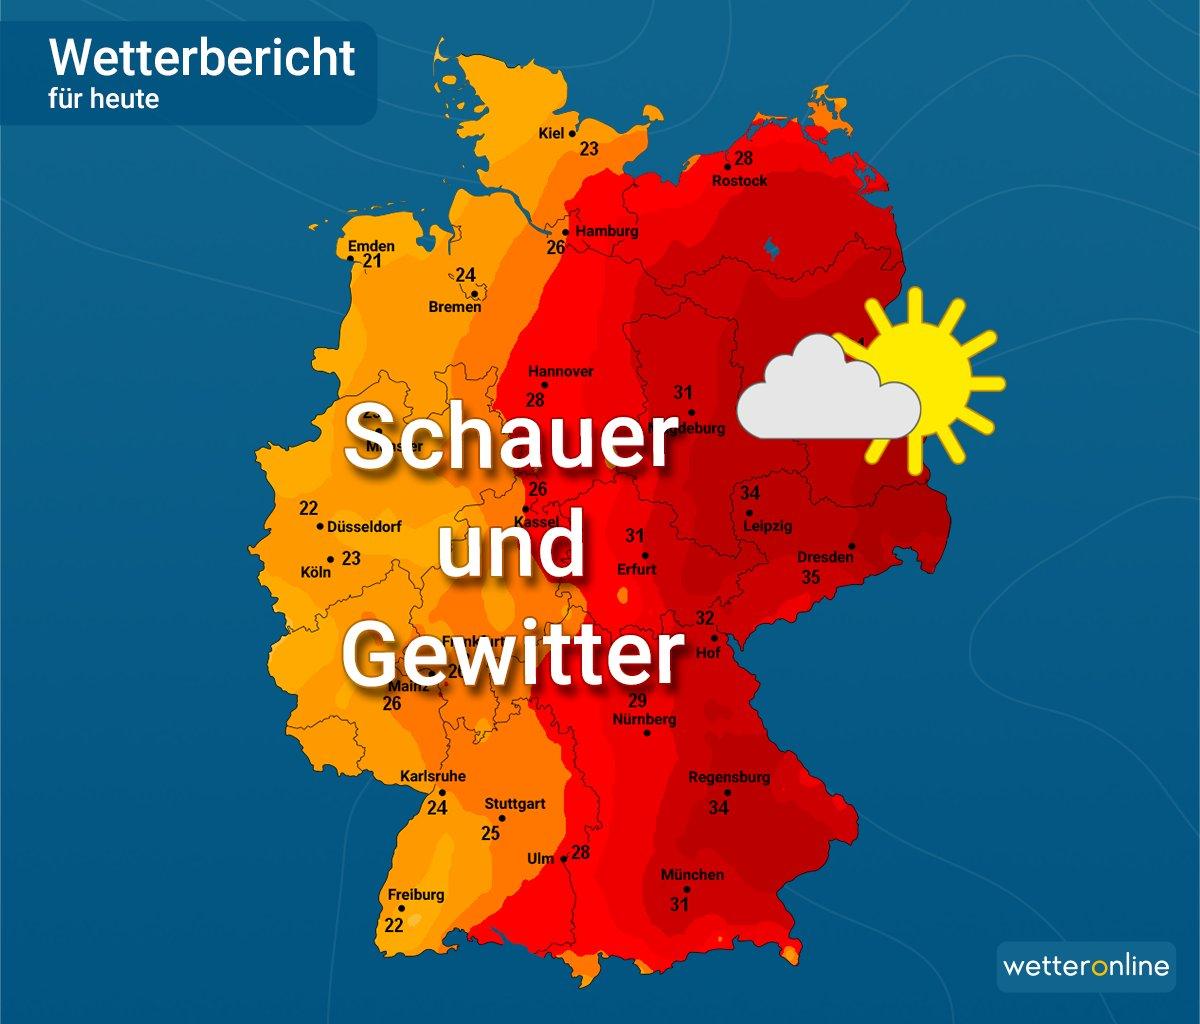 Wetteronlinede On Twitter Guten Morgen Zusammen Im Osten